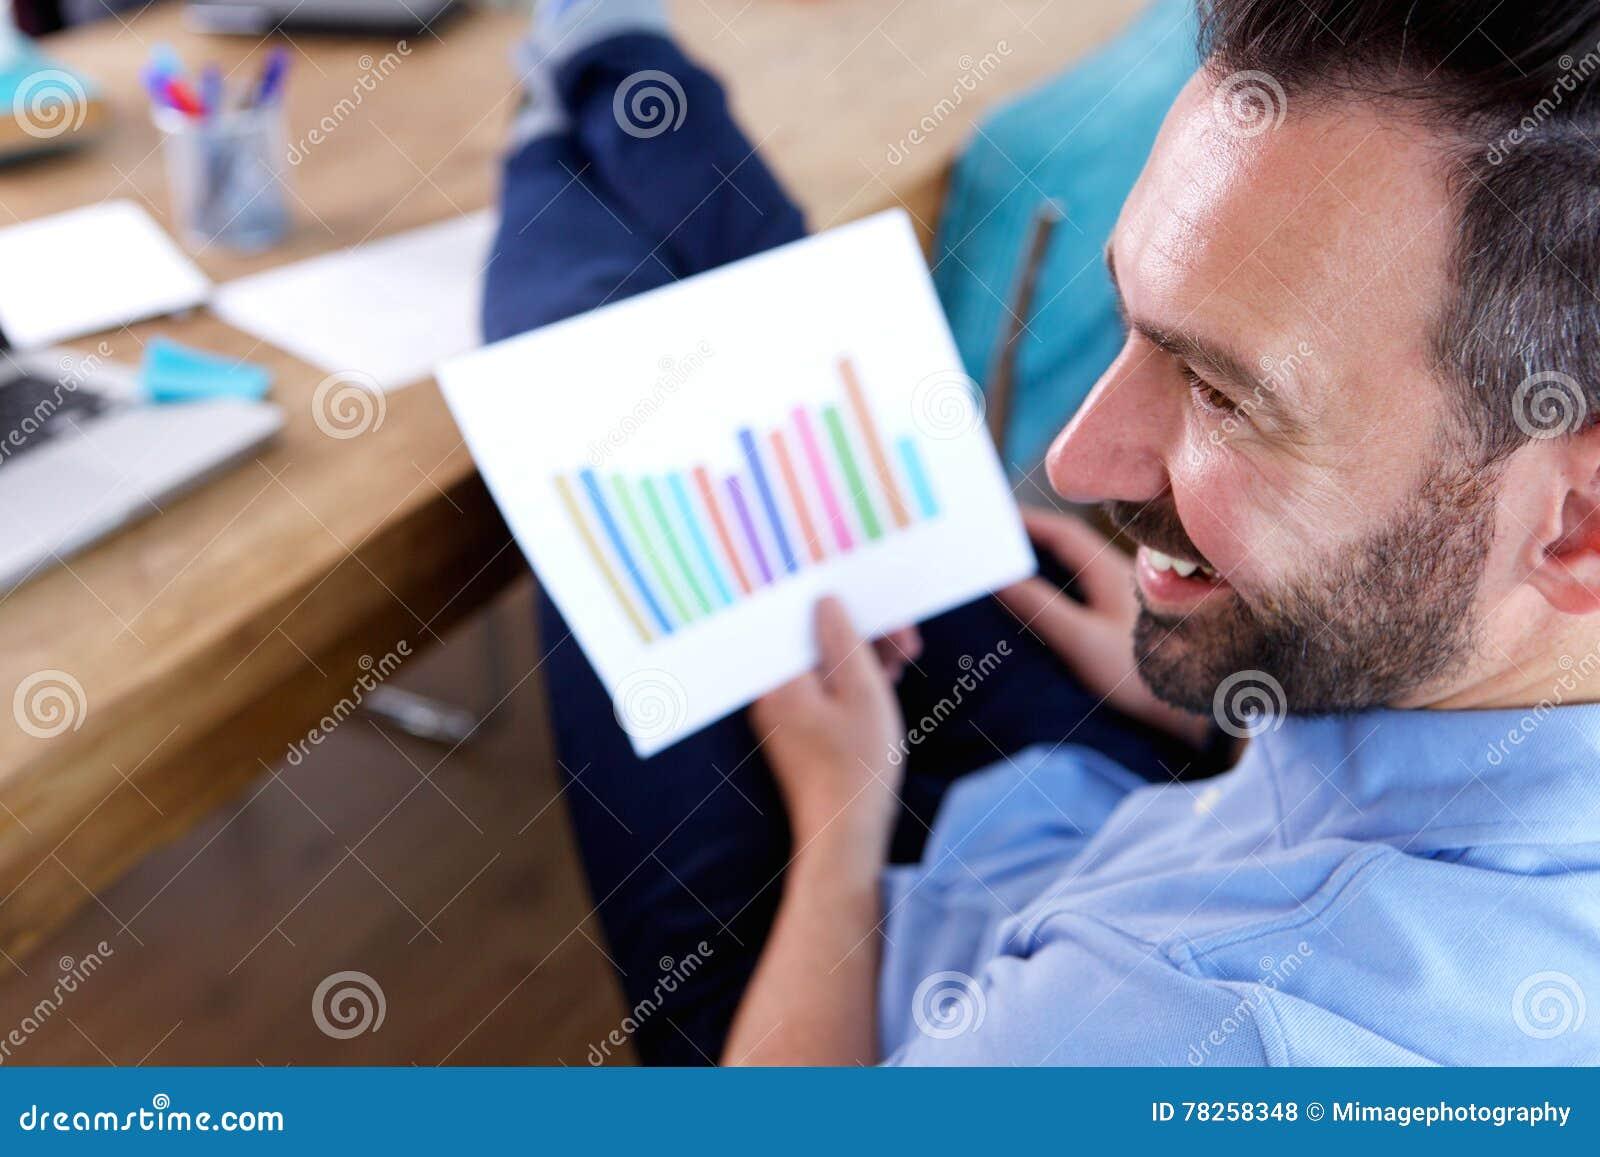 Χαμογελώντας επιχειρησιακό άτομο με τα διαγράμματα στο γραφείο του